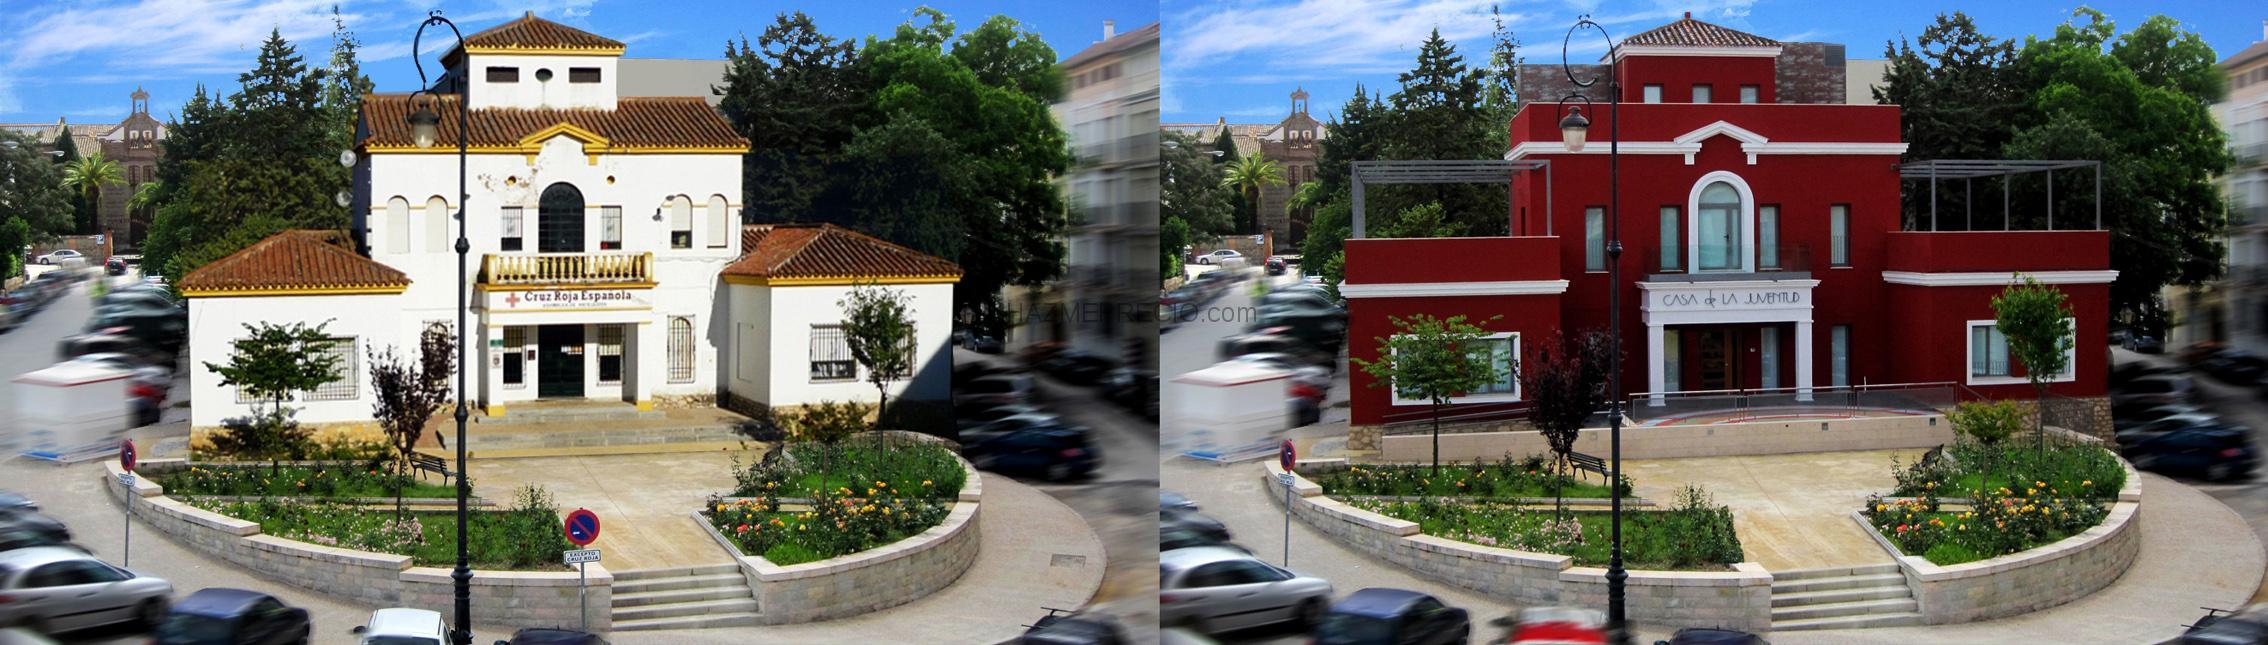 Rehabilitaci n de la antigua sede de la cruz roja para casa de la juventud de antequera - Subvenciones rehabilitacion casas antiguas ...